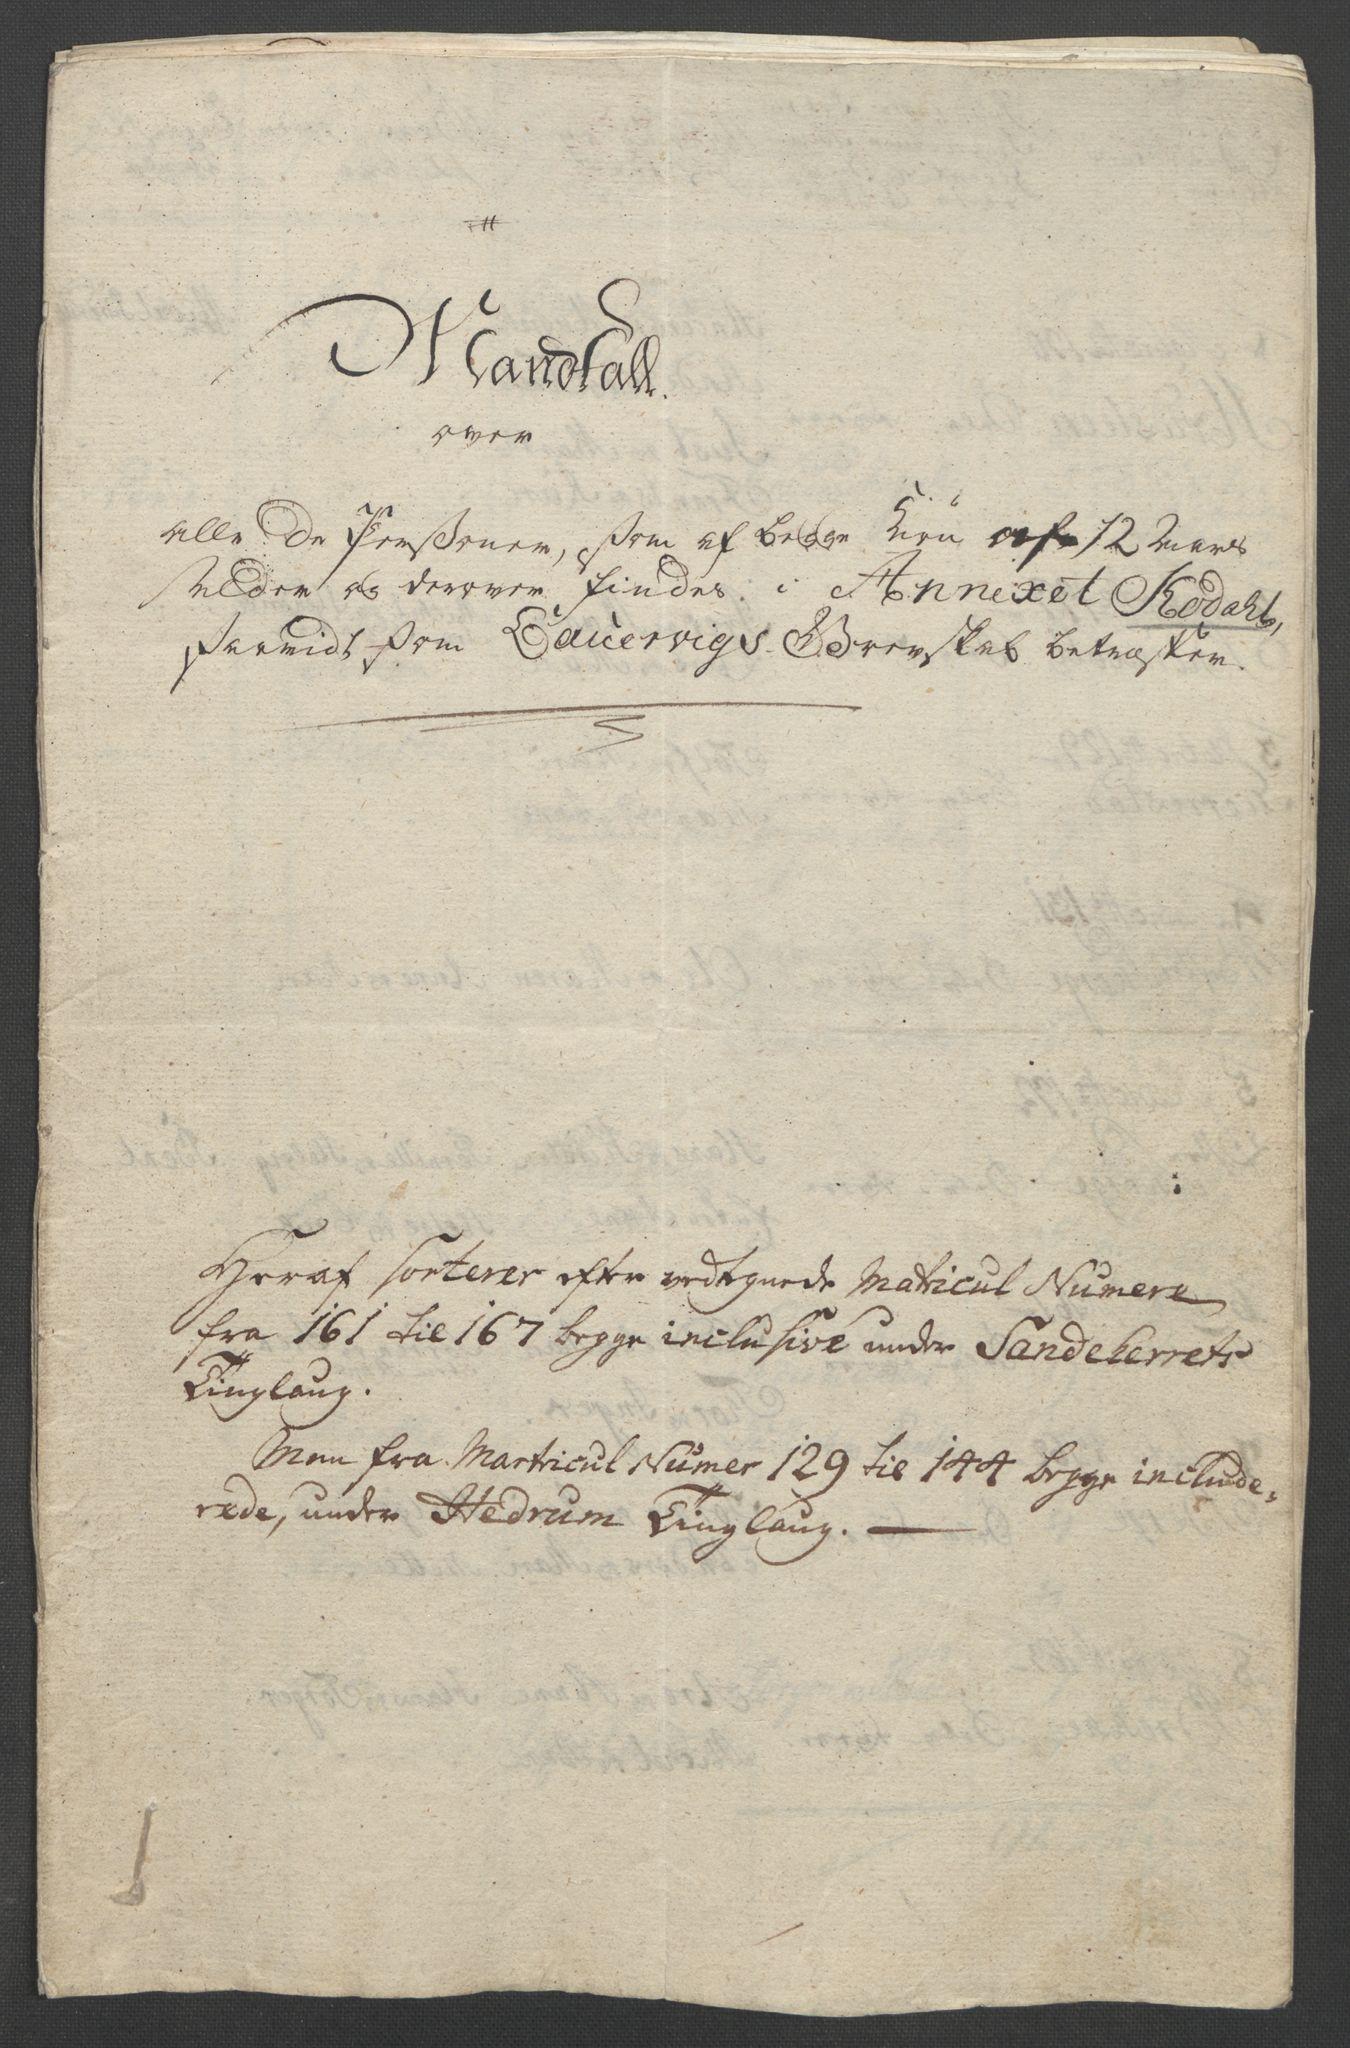 RA, Rentekammeret inntil 1814, Reviderte regnskaper, Fogderegnskap, R33/L2033: Ekstraskatten Larvik grevskap, 1762-1764, s. 183